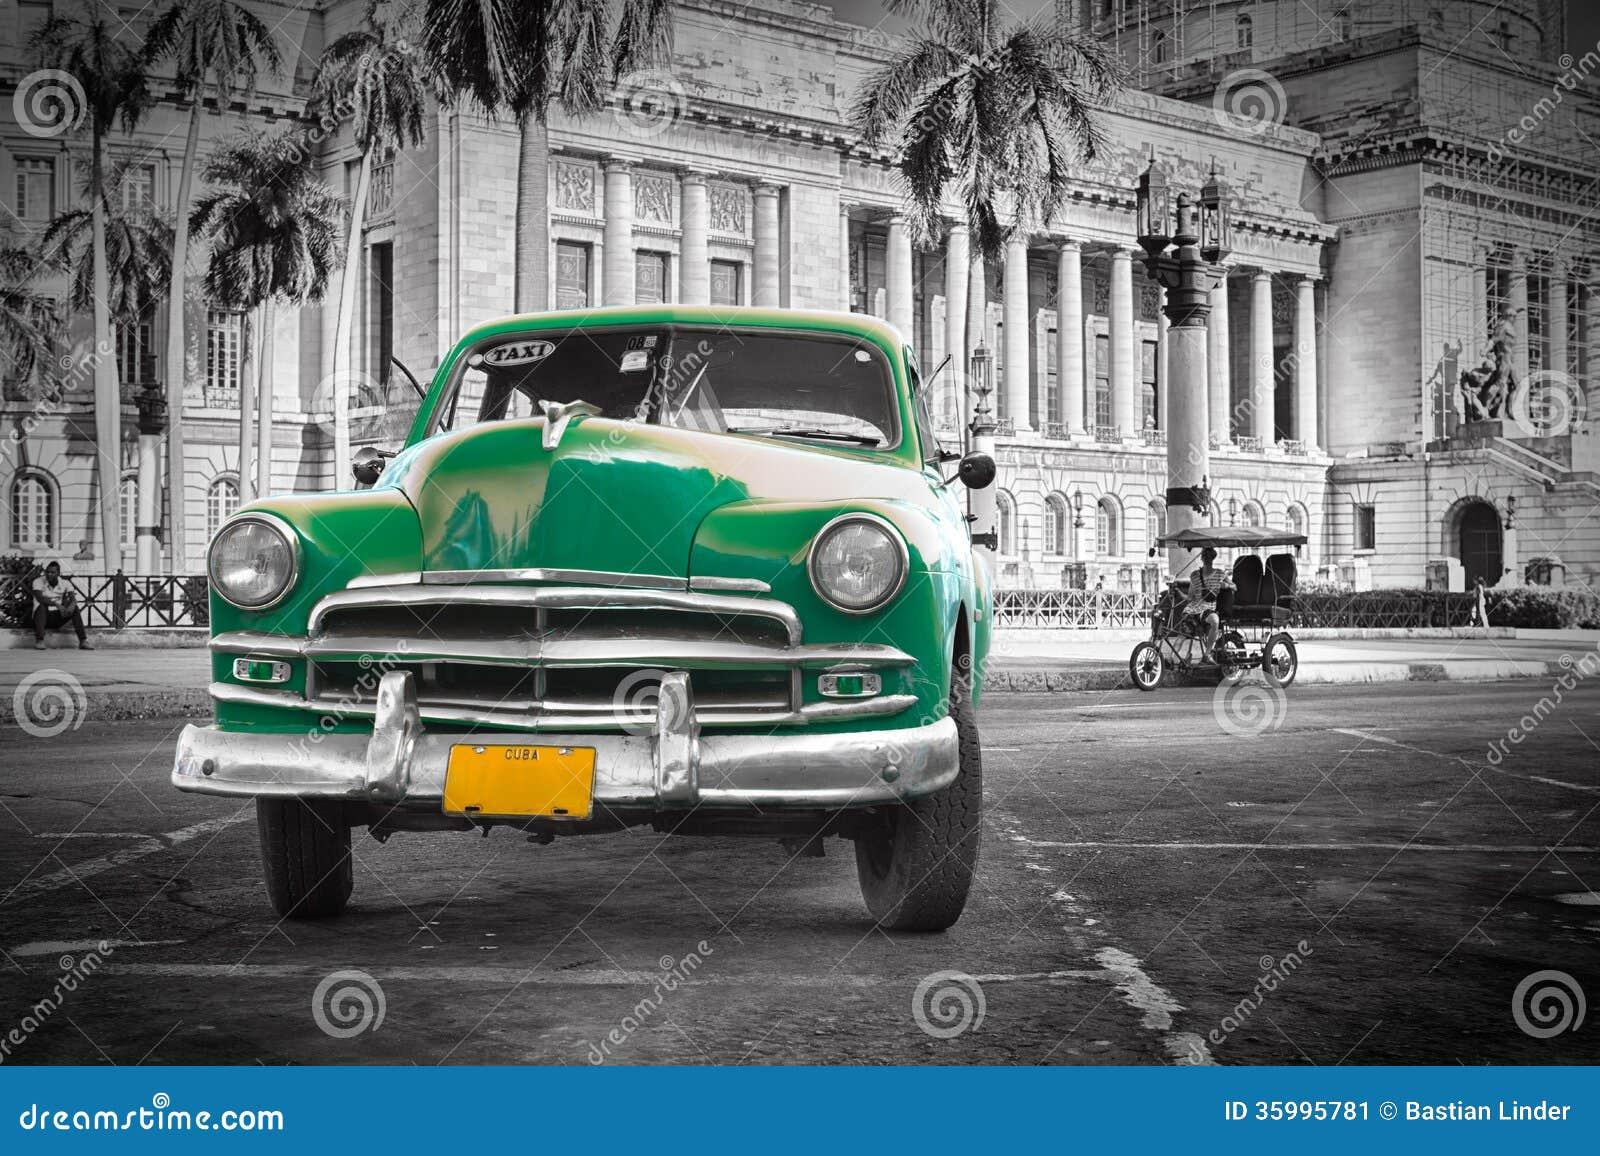 Vehicule Cars  Vert